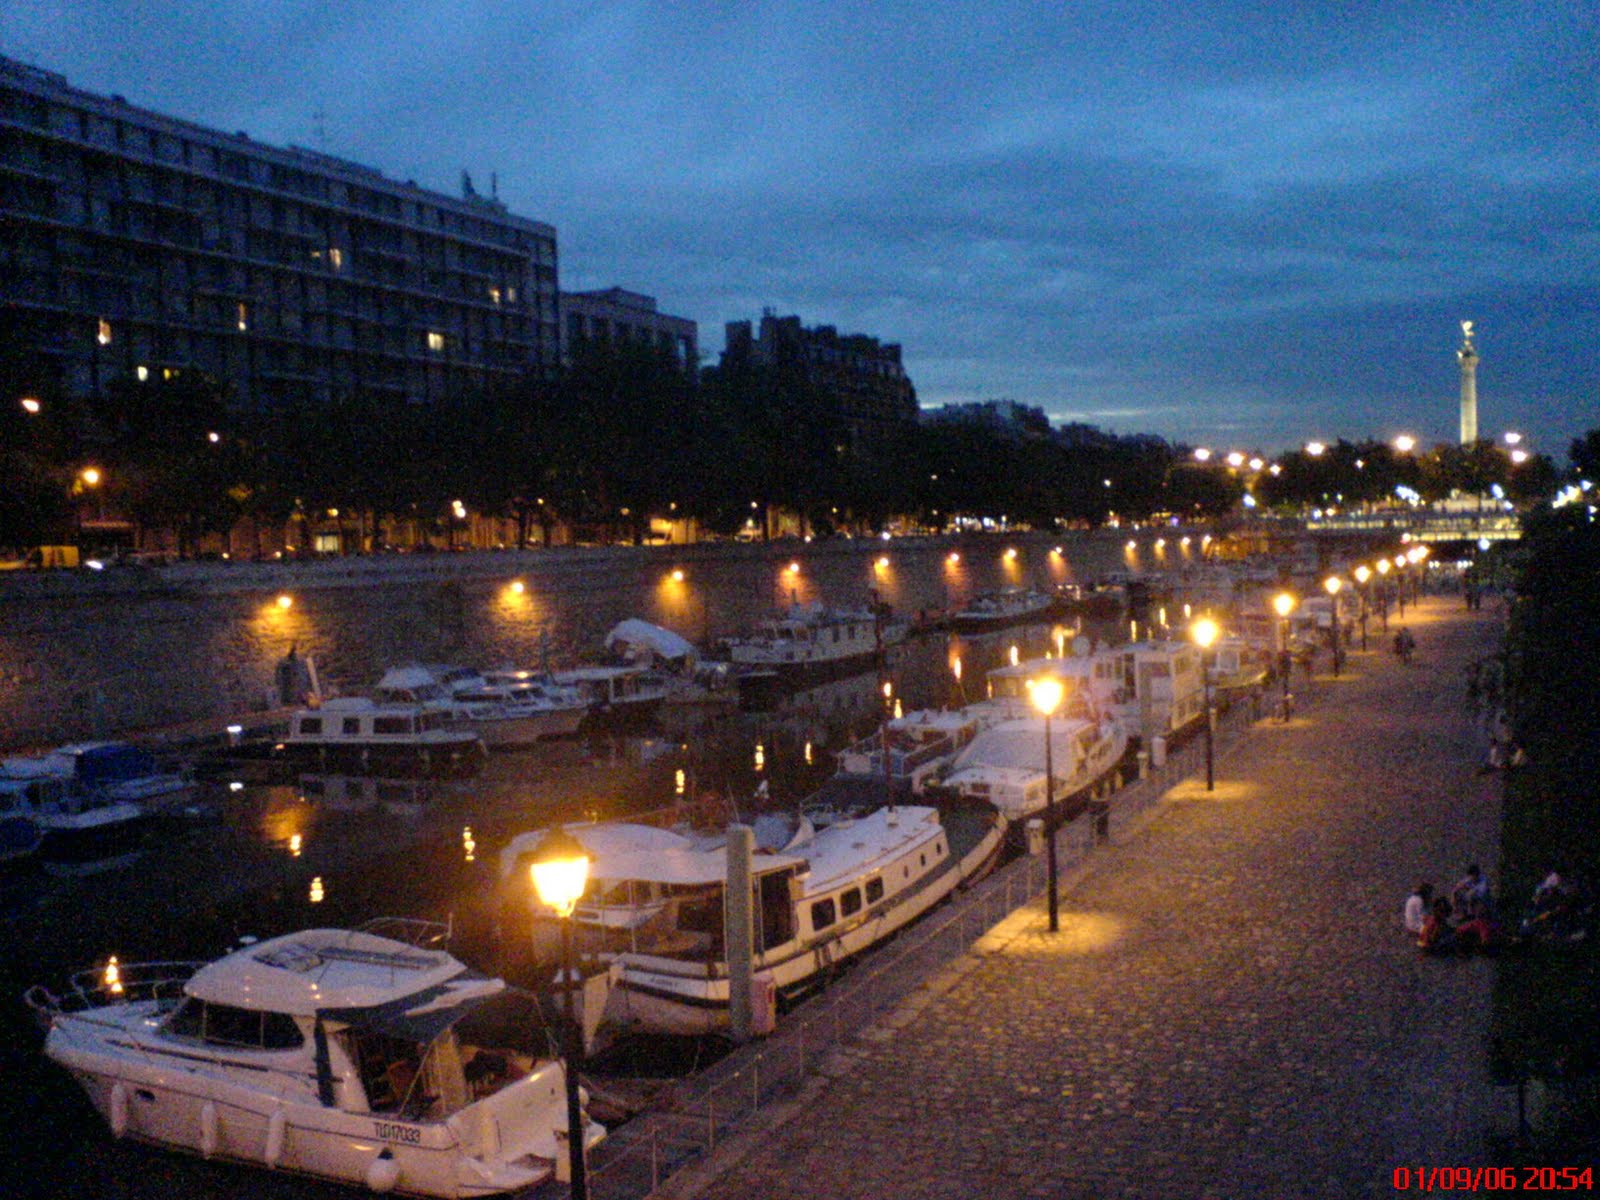 Clectique paris s 39 illumine - Port de l arsenal bastille ...